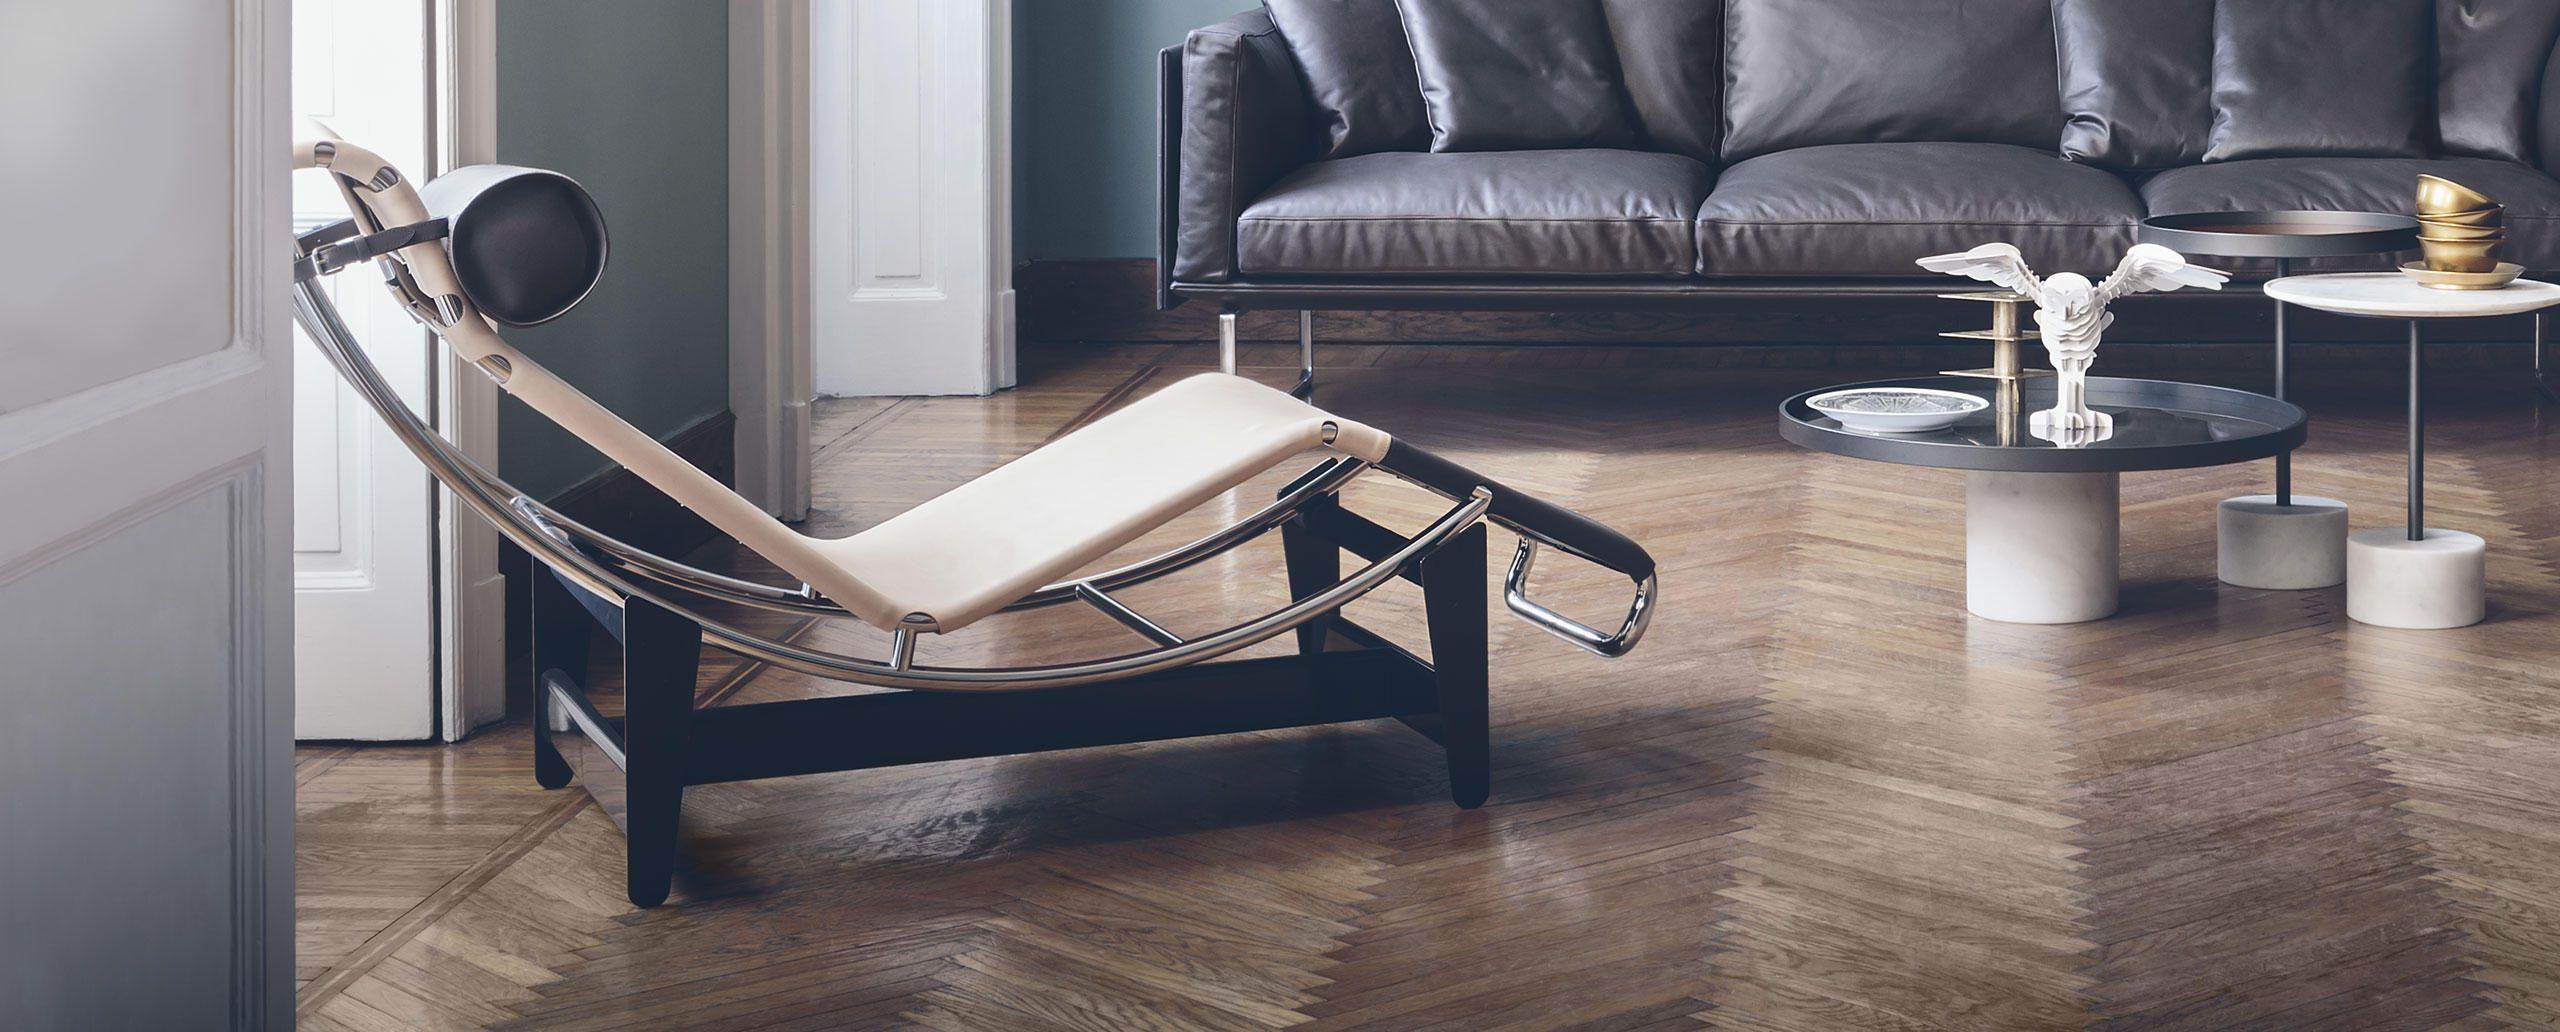 09d1502041087dc06752bc8753449c41 Incroyable De Table Basse Le Corbusier Concept